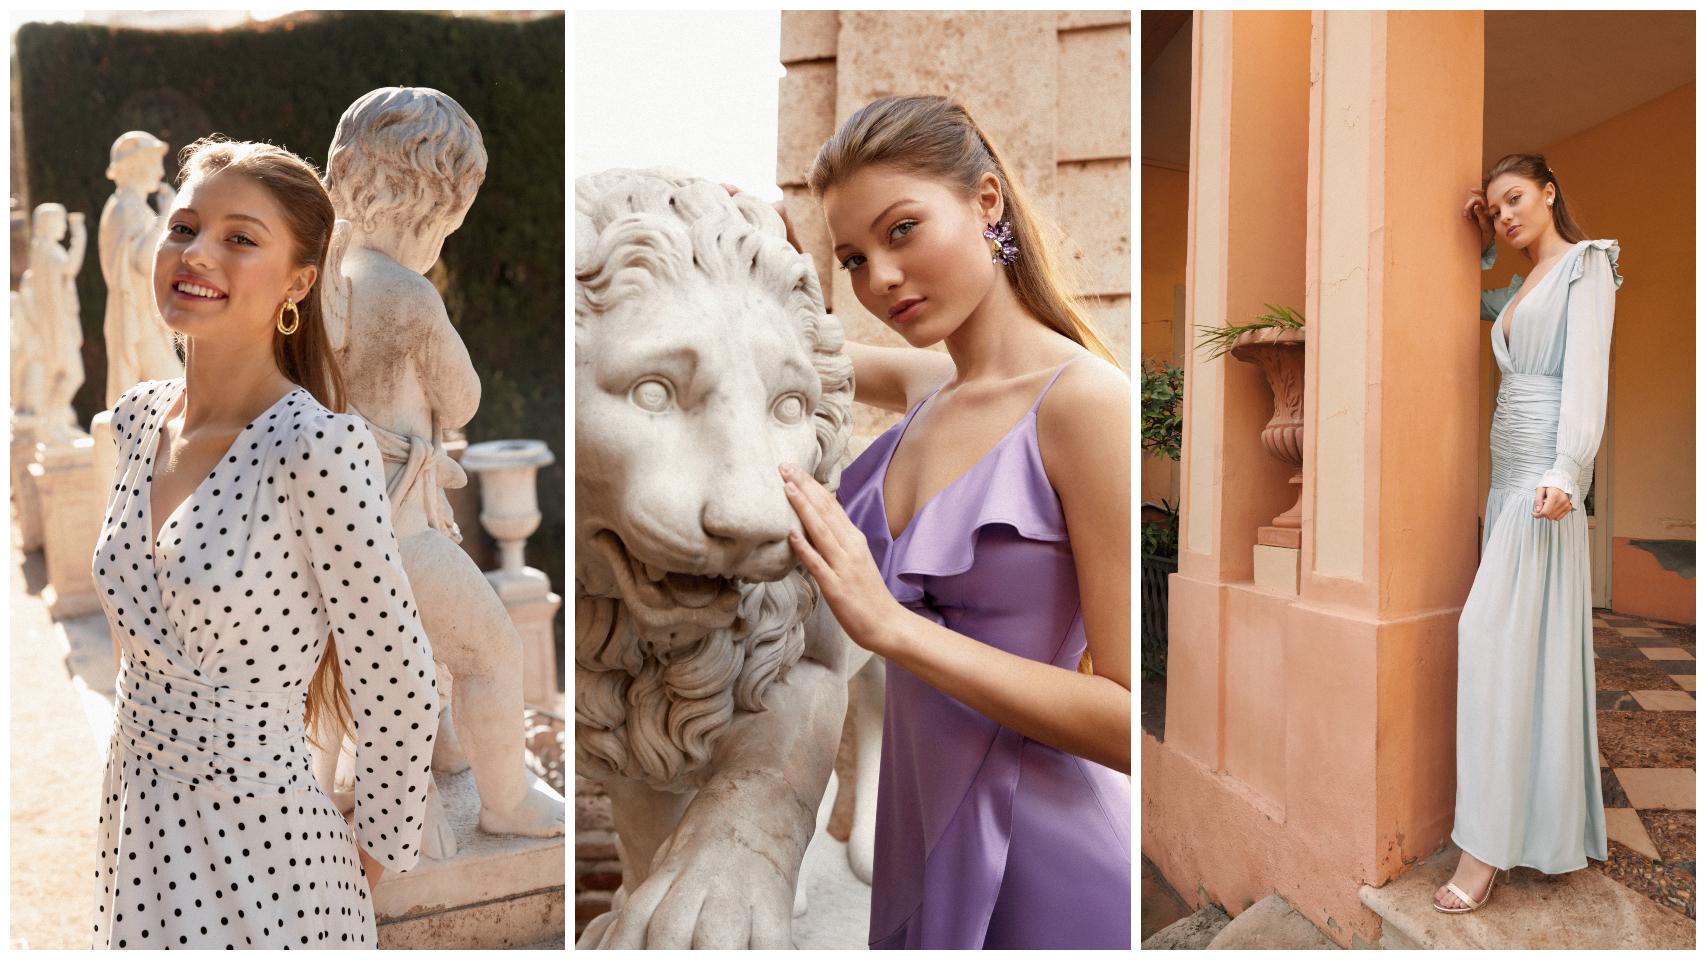 Algunos de los estilismos que propone Bruna.